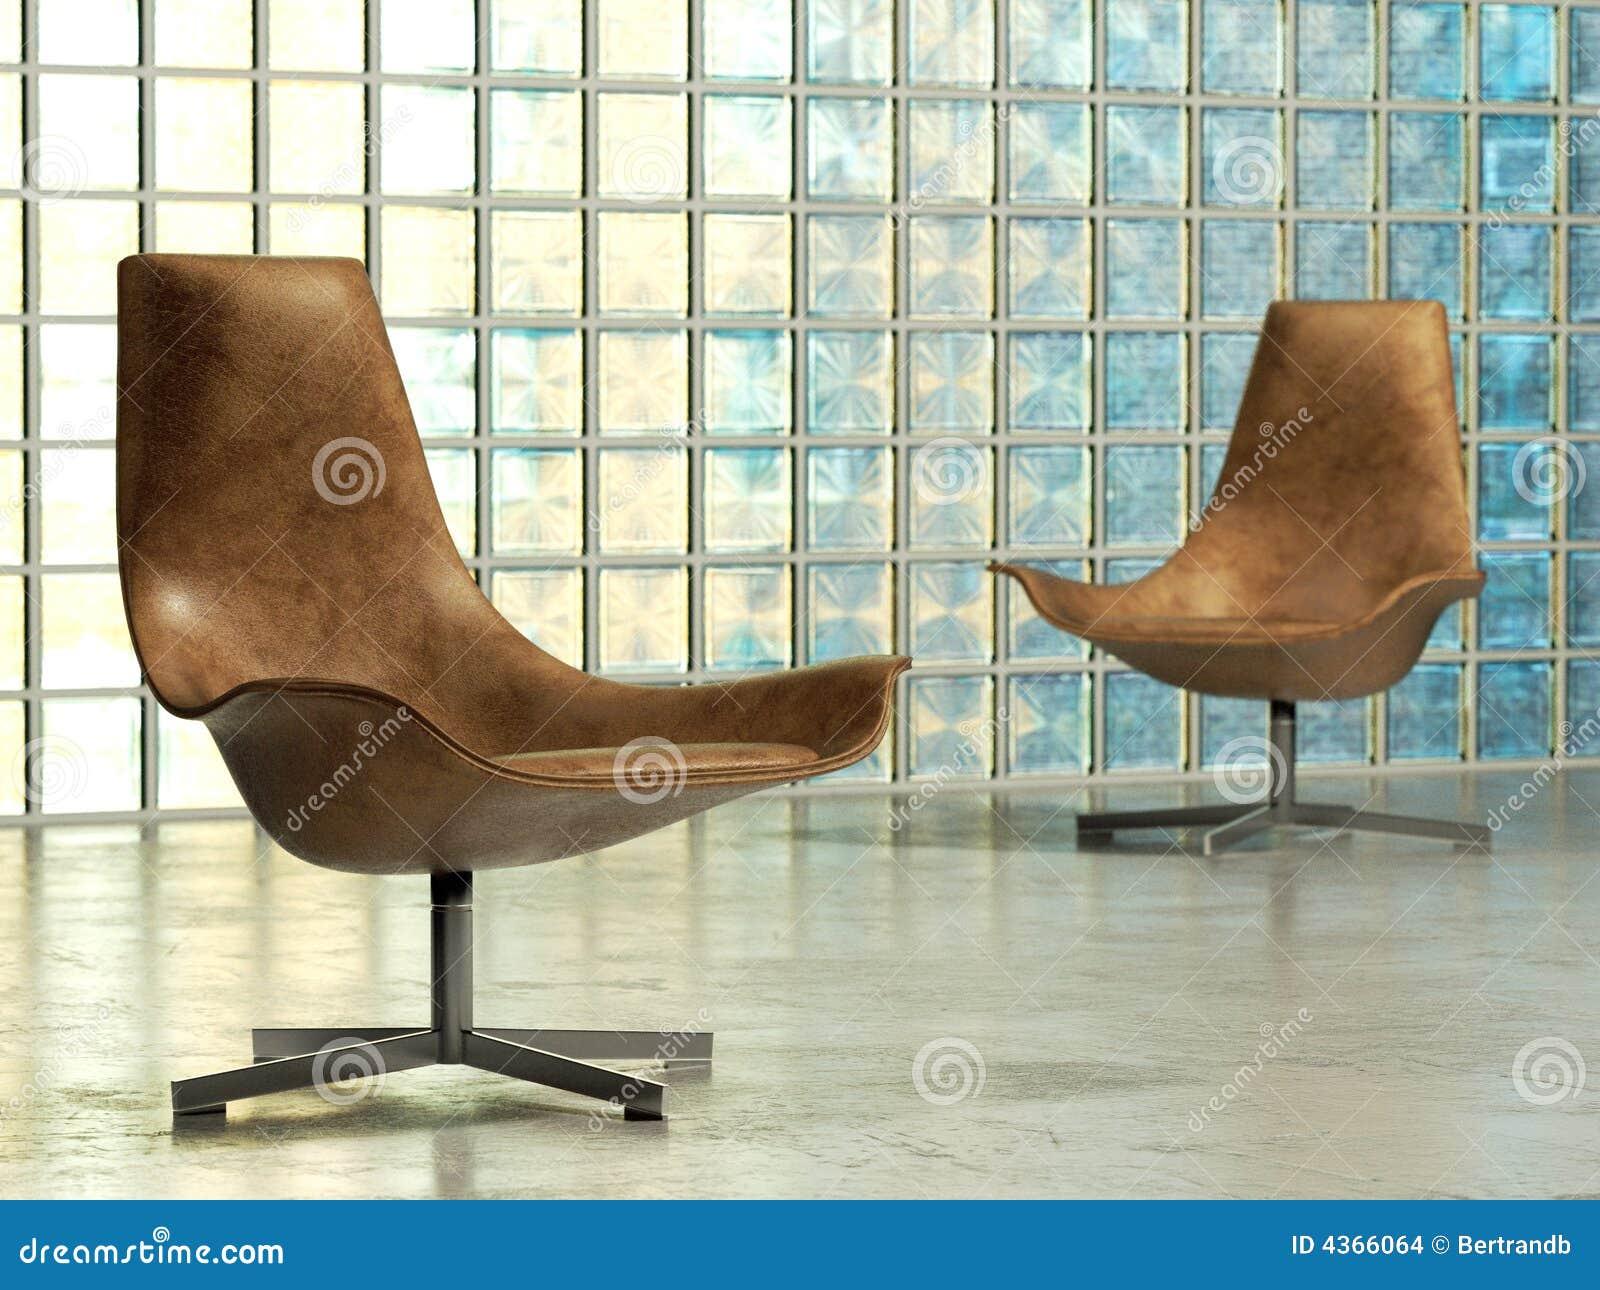 #474388 Cadeira De Sala De Estar Moderna Ilustração Stock Imagem 4366064 1300x1065 píxeis em Cadeira De Sala De Estar Moderna